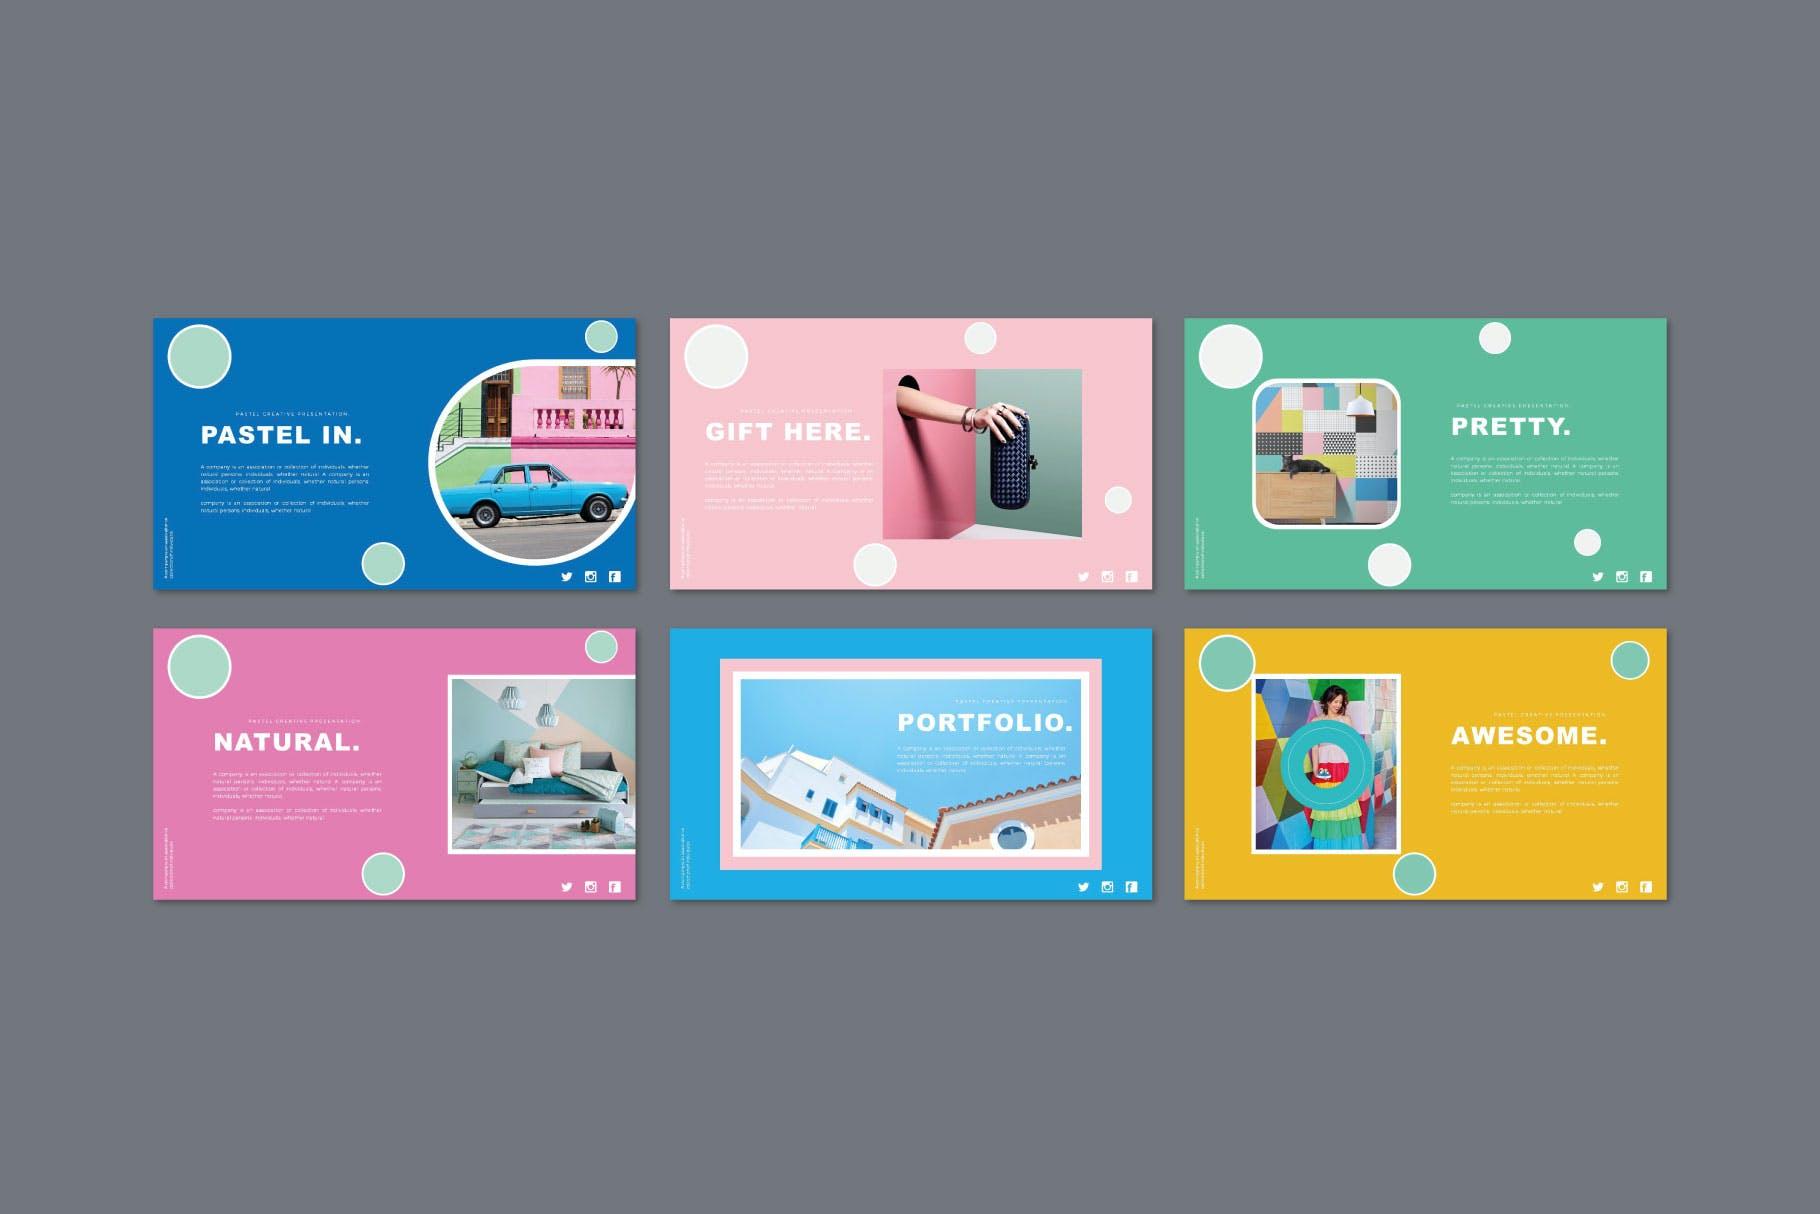 时尚极简产品营销演示文稿设计模板素材 Misya – Powerpoint Template插图4